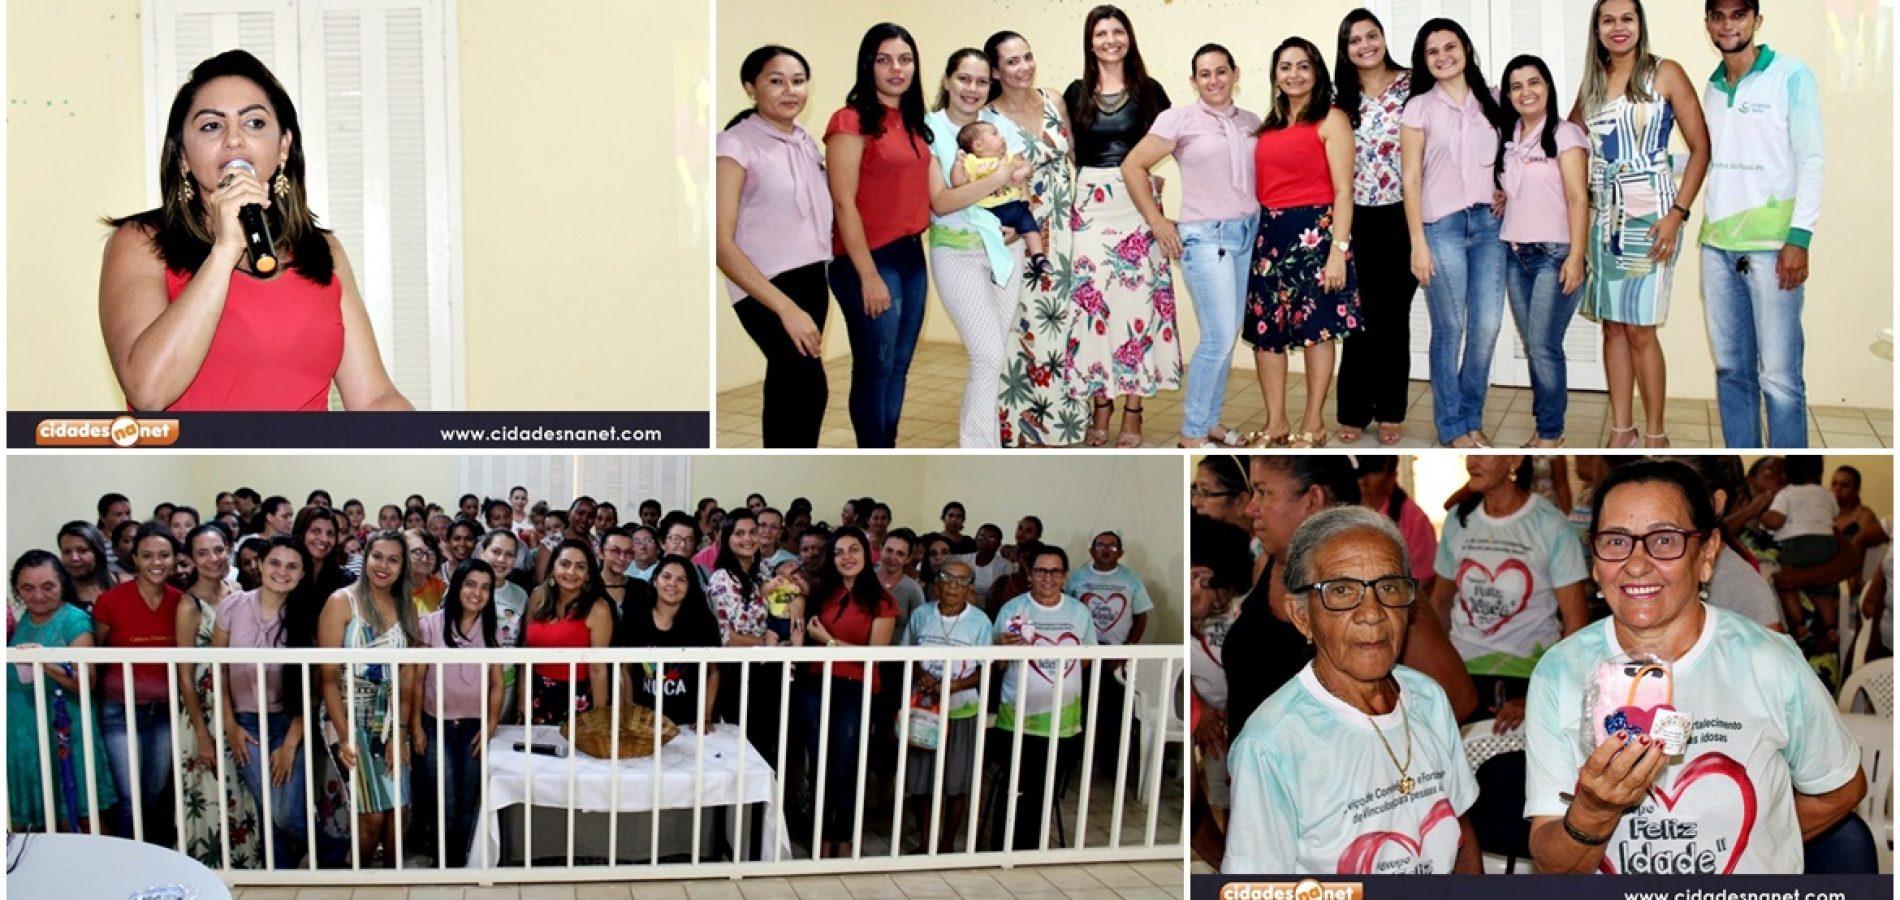 Assistência Social de Alagoinha do Piauí promove atividades socioeducativas; fotos